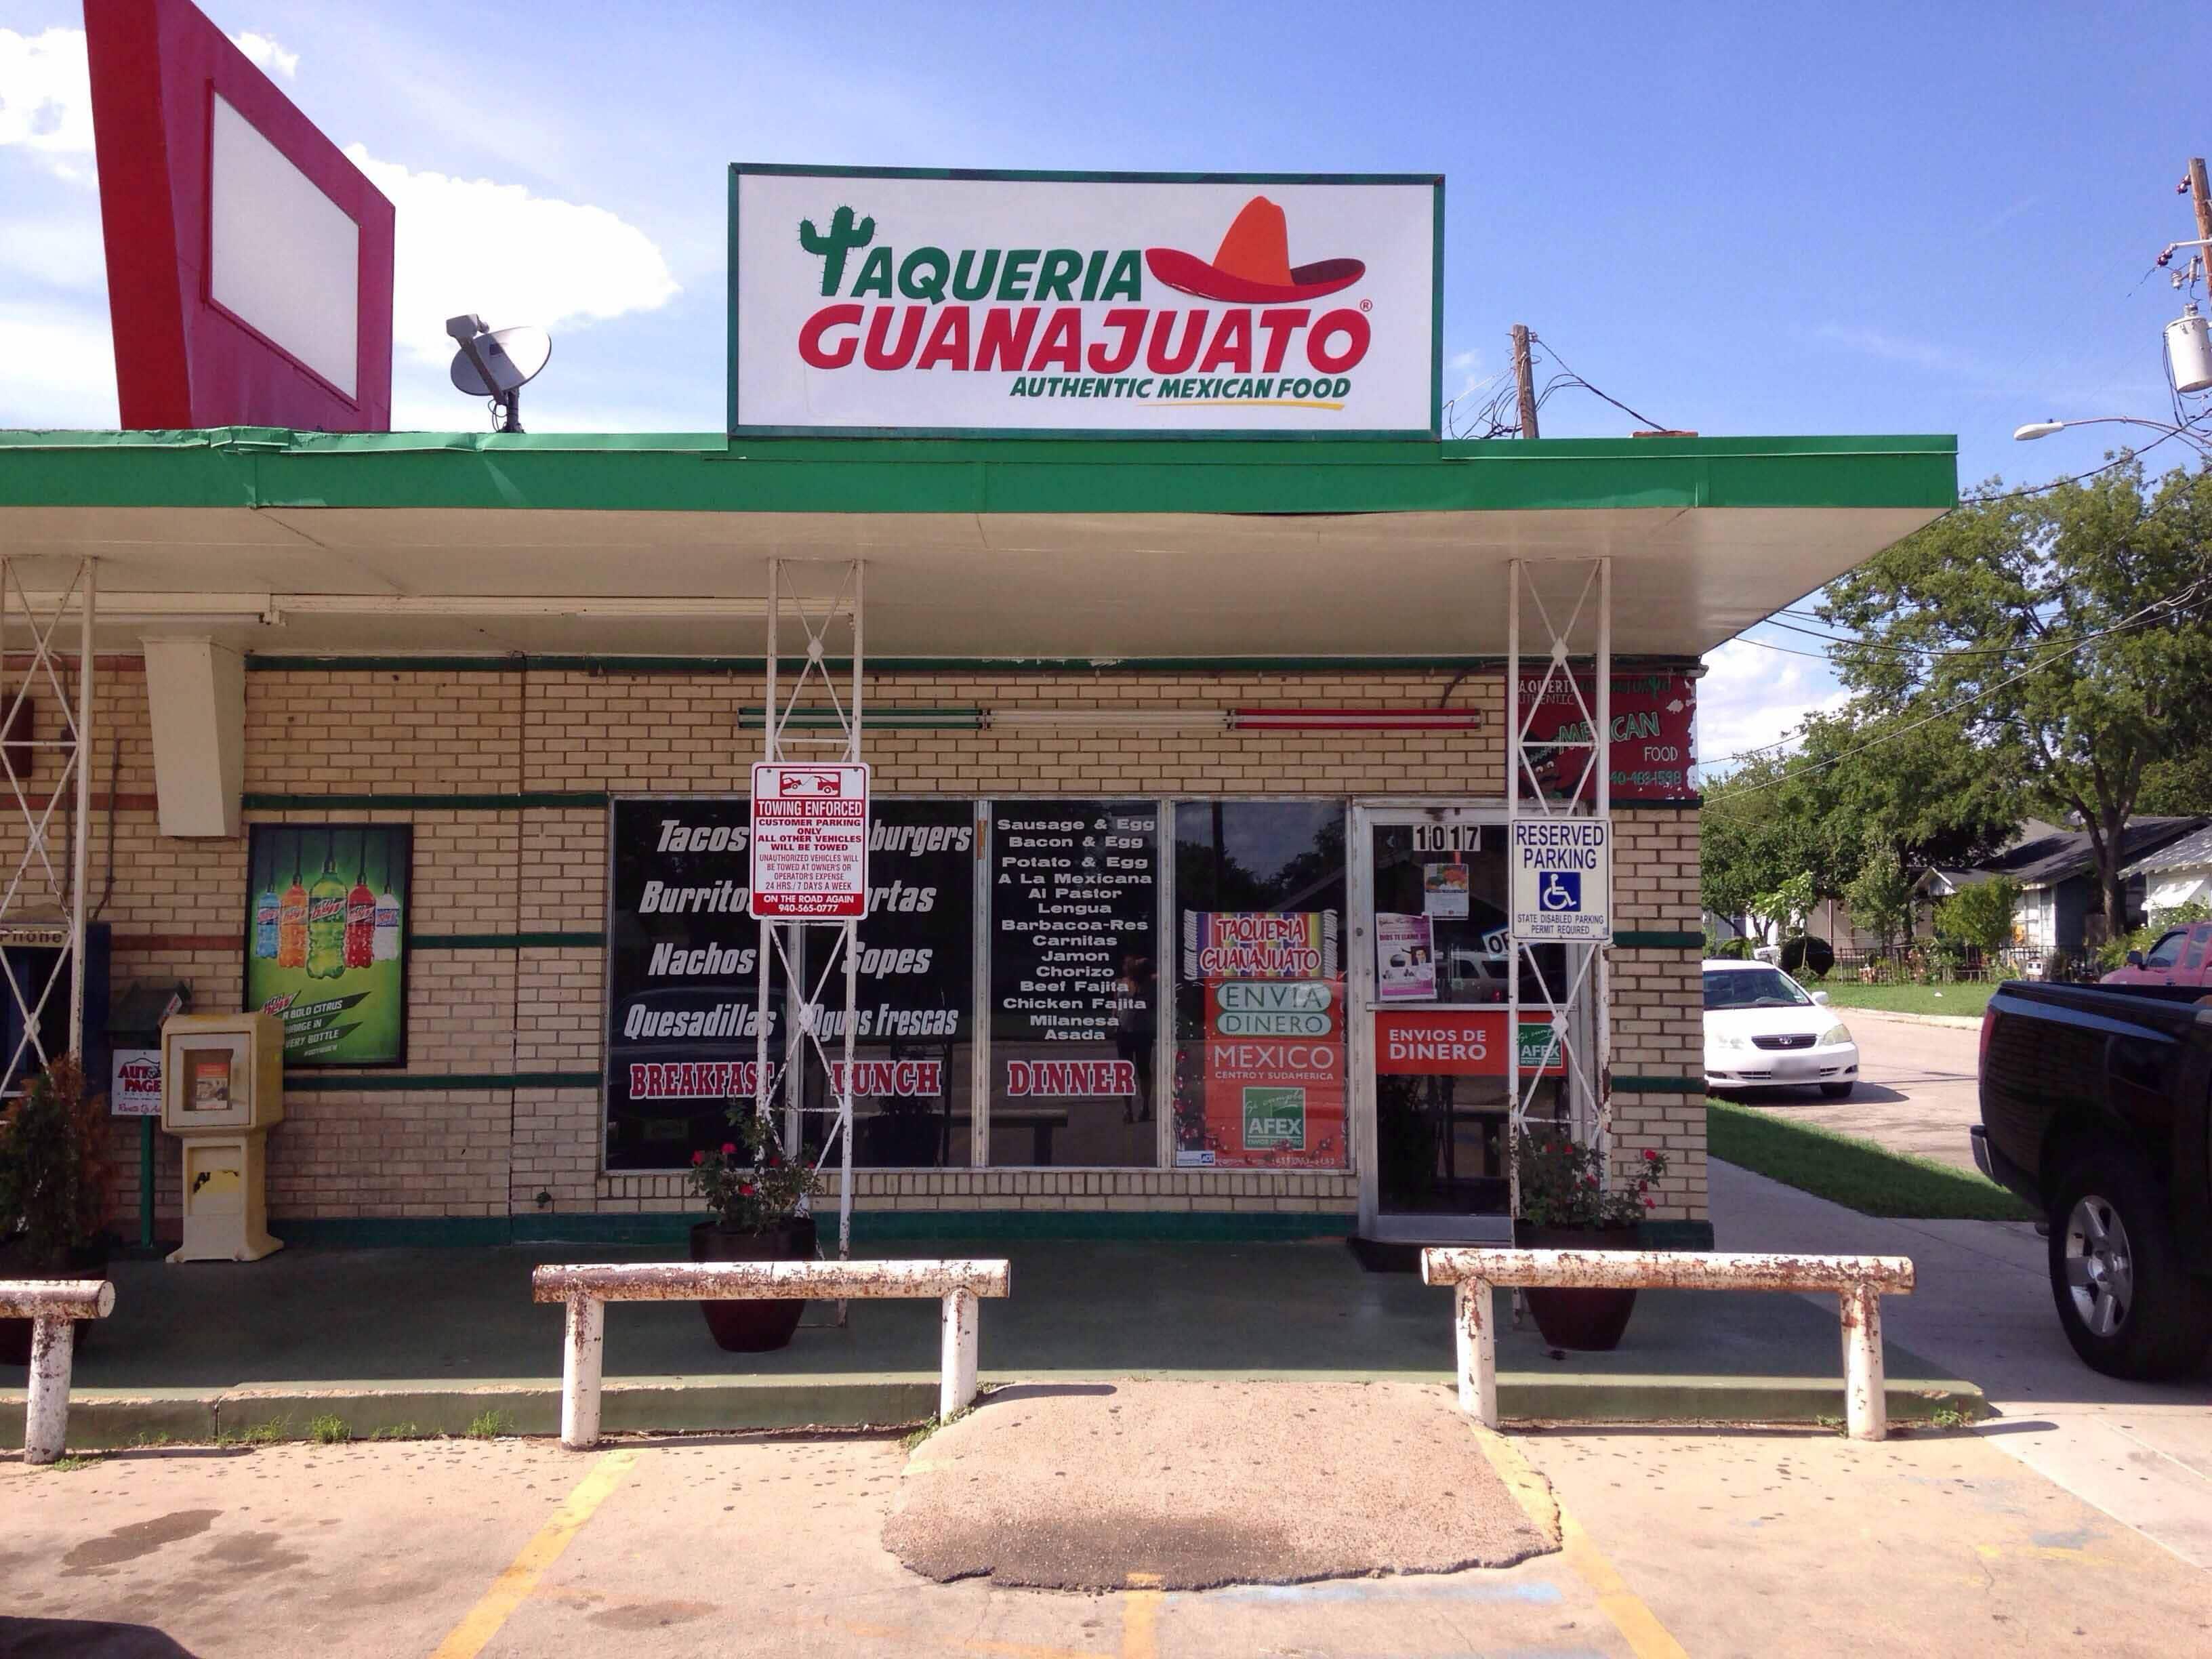 Taqueria Guanajuato Photos Pictures Of